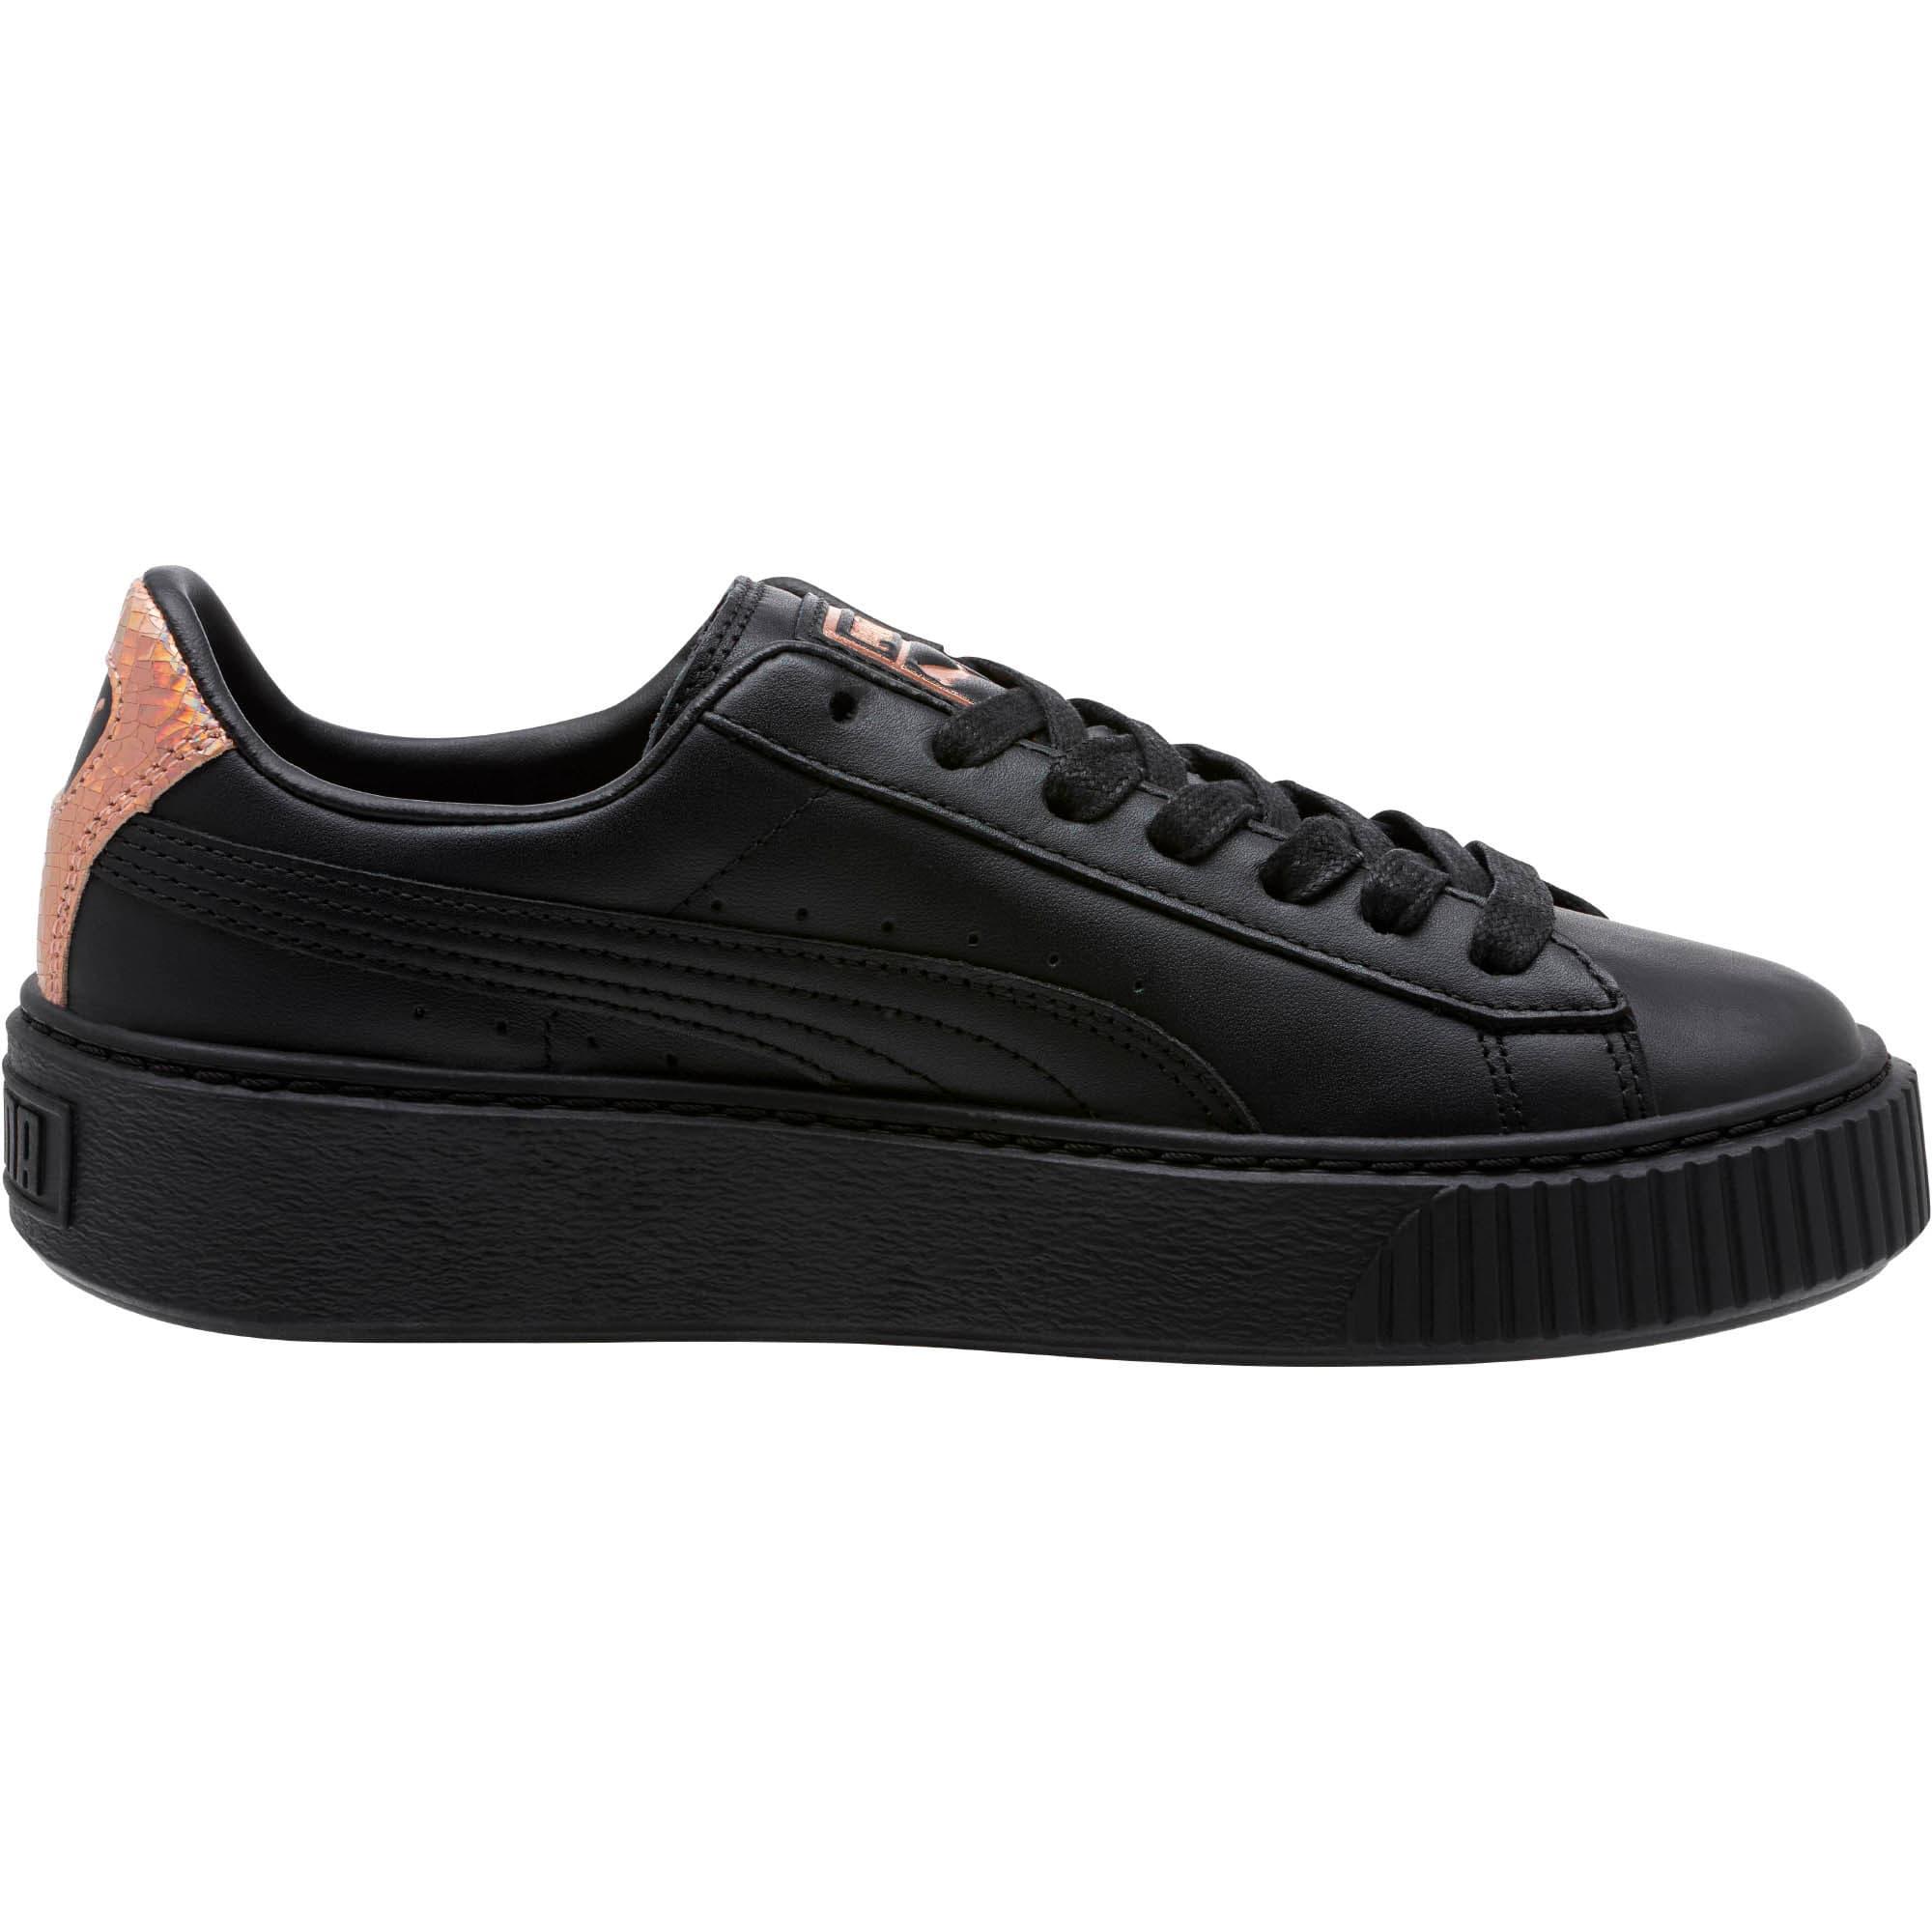 Thumbnail 3 of Basket Platform RG Women's Sneakers, Puma Black-Rose Gold, medium